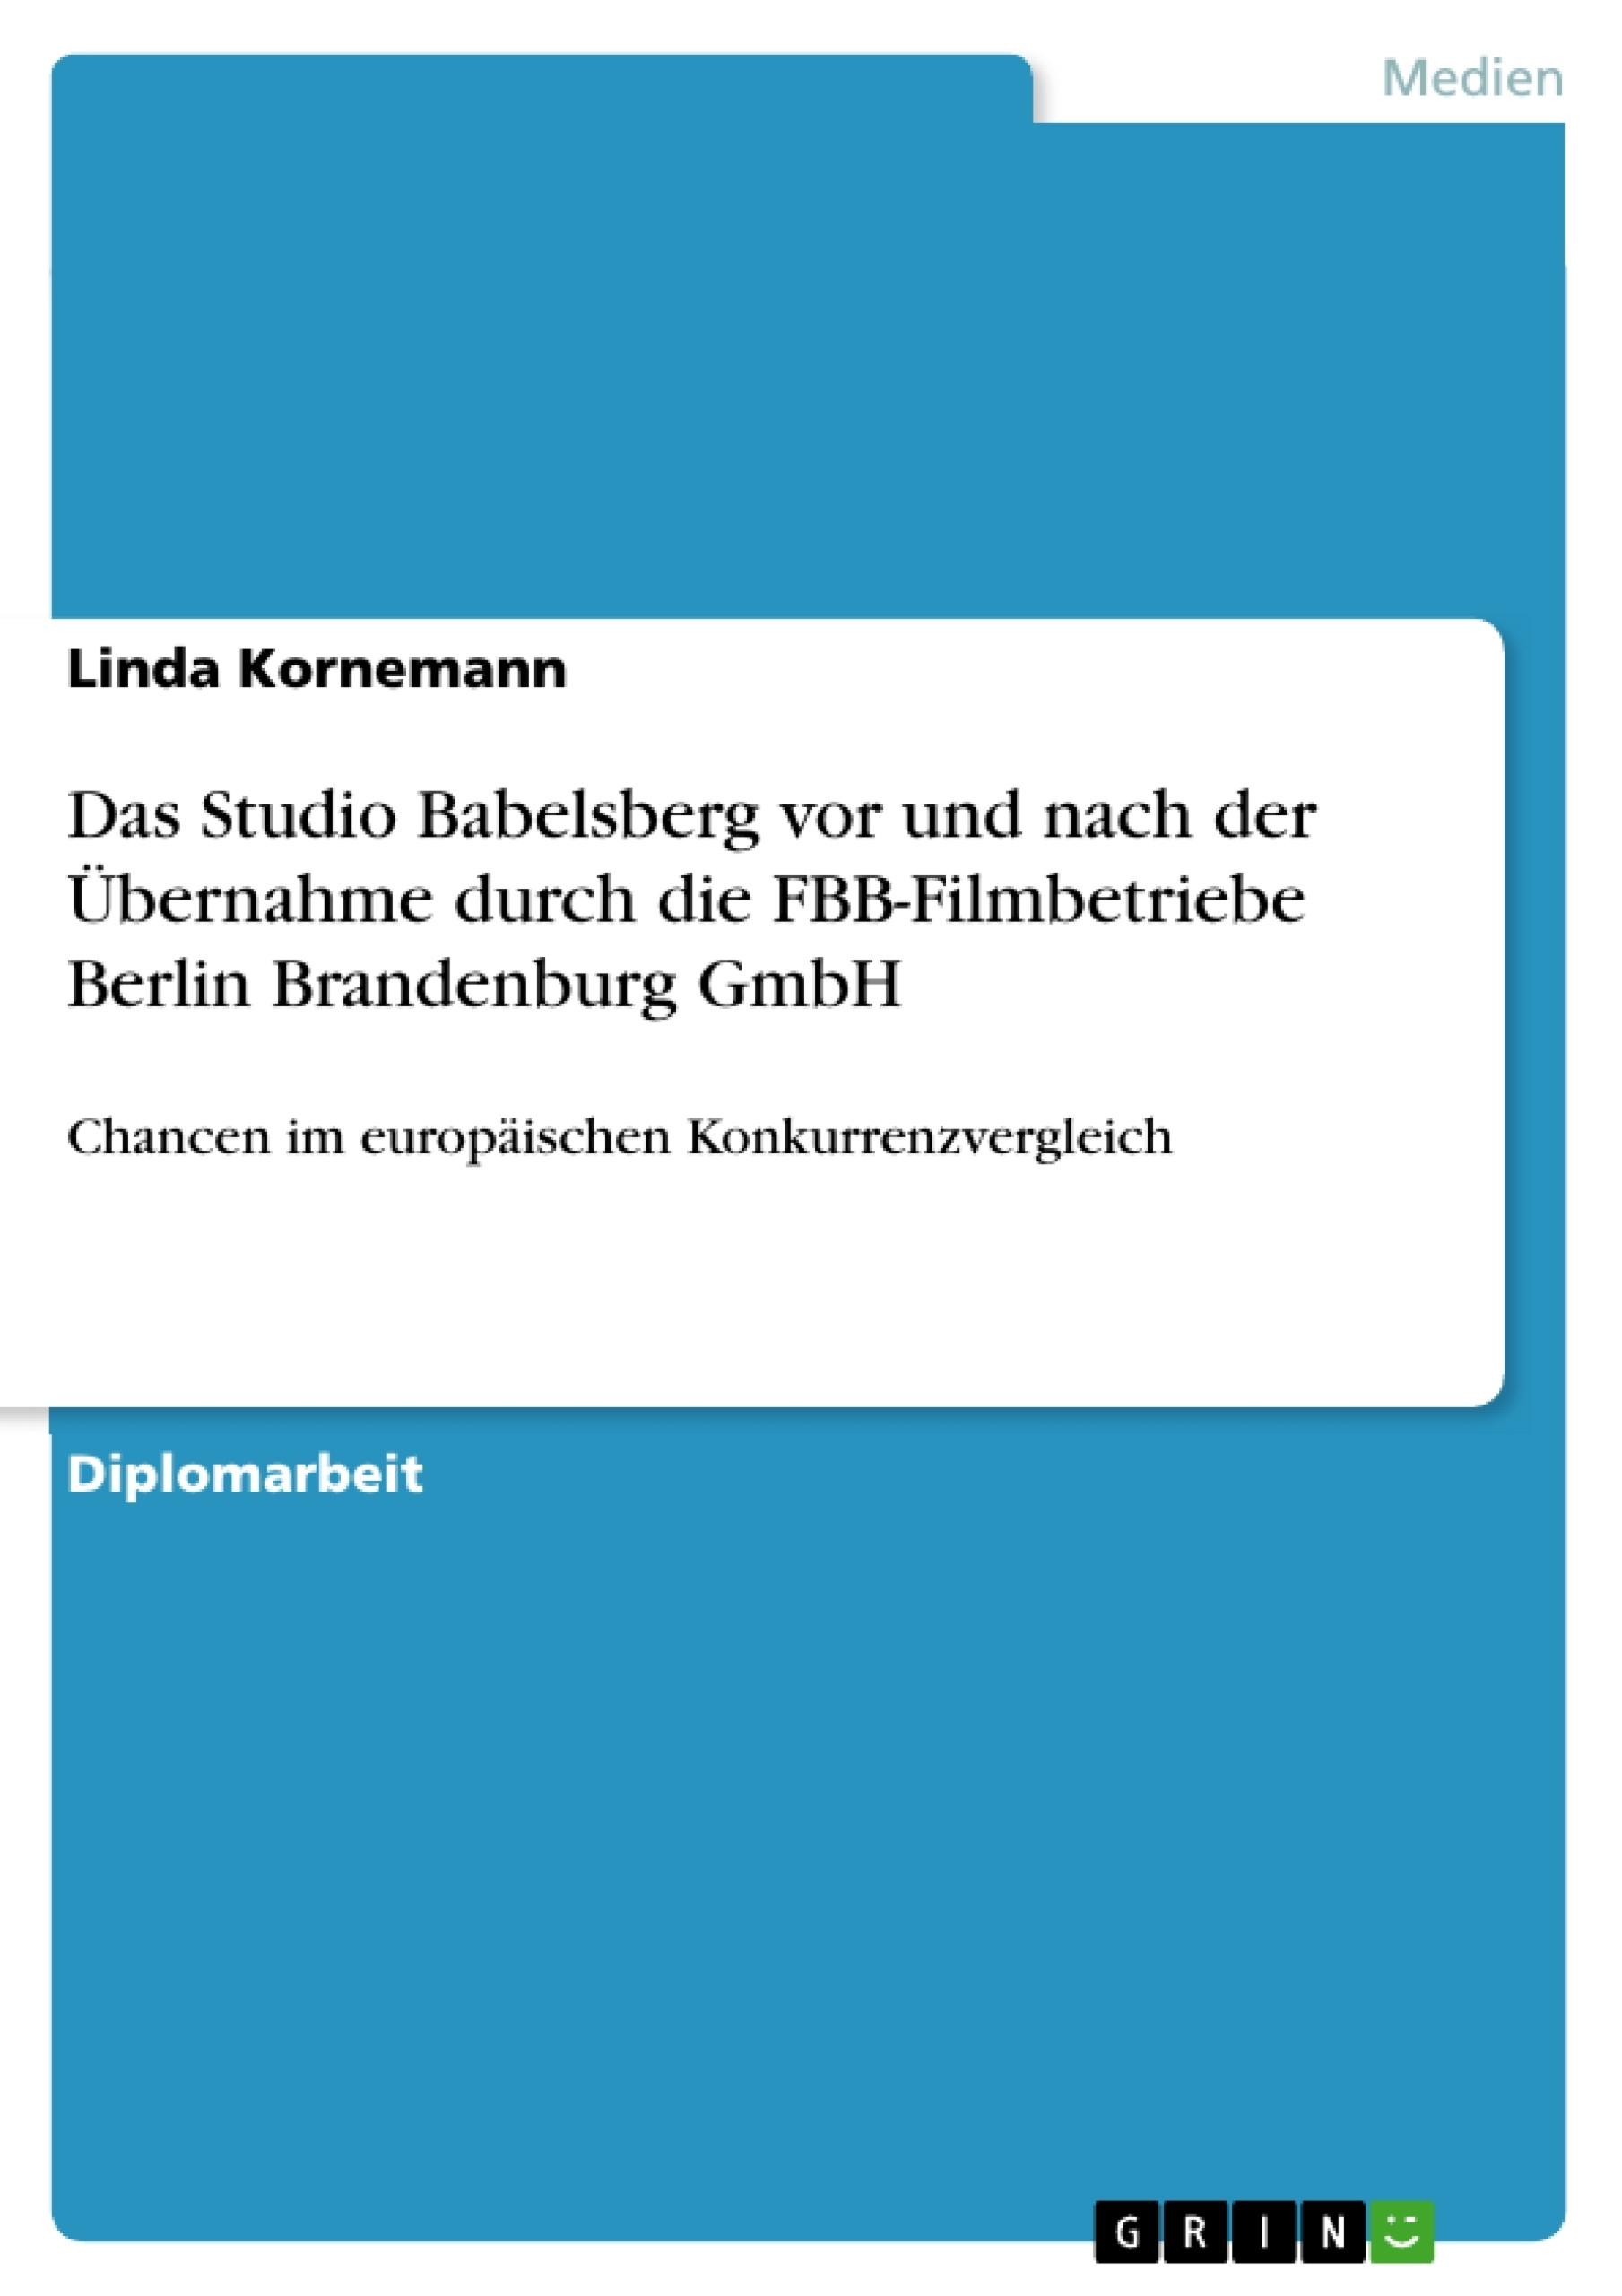 Titel: Das Studio Babelsberg vor und nach der Übernahme durch die FBB-Filmbetriebe Berlin Brandenburg GmbH